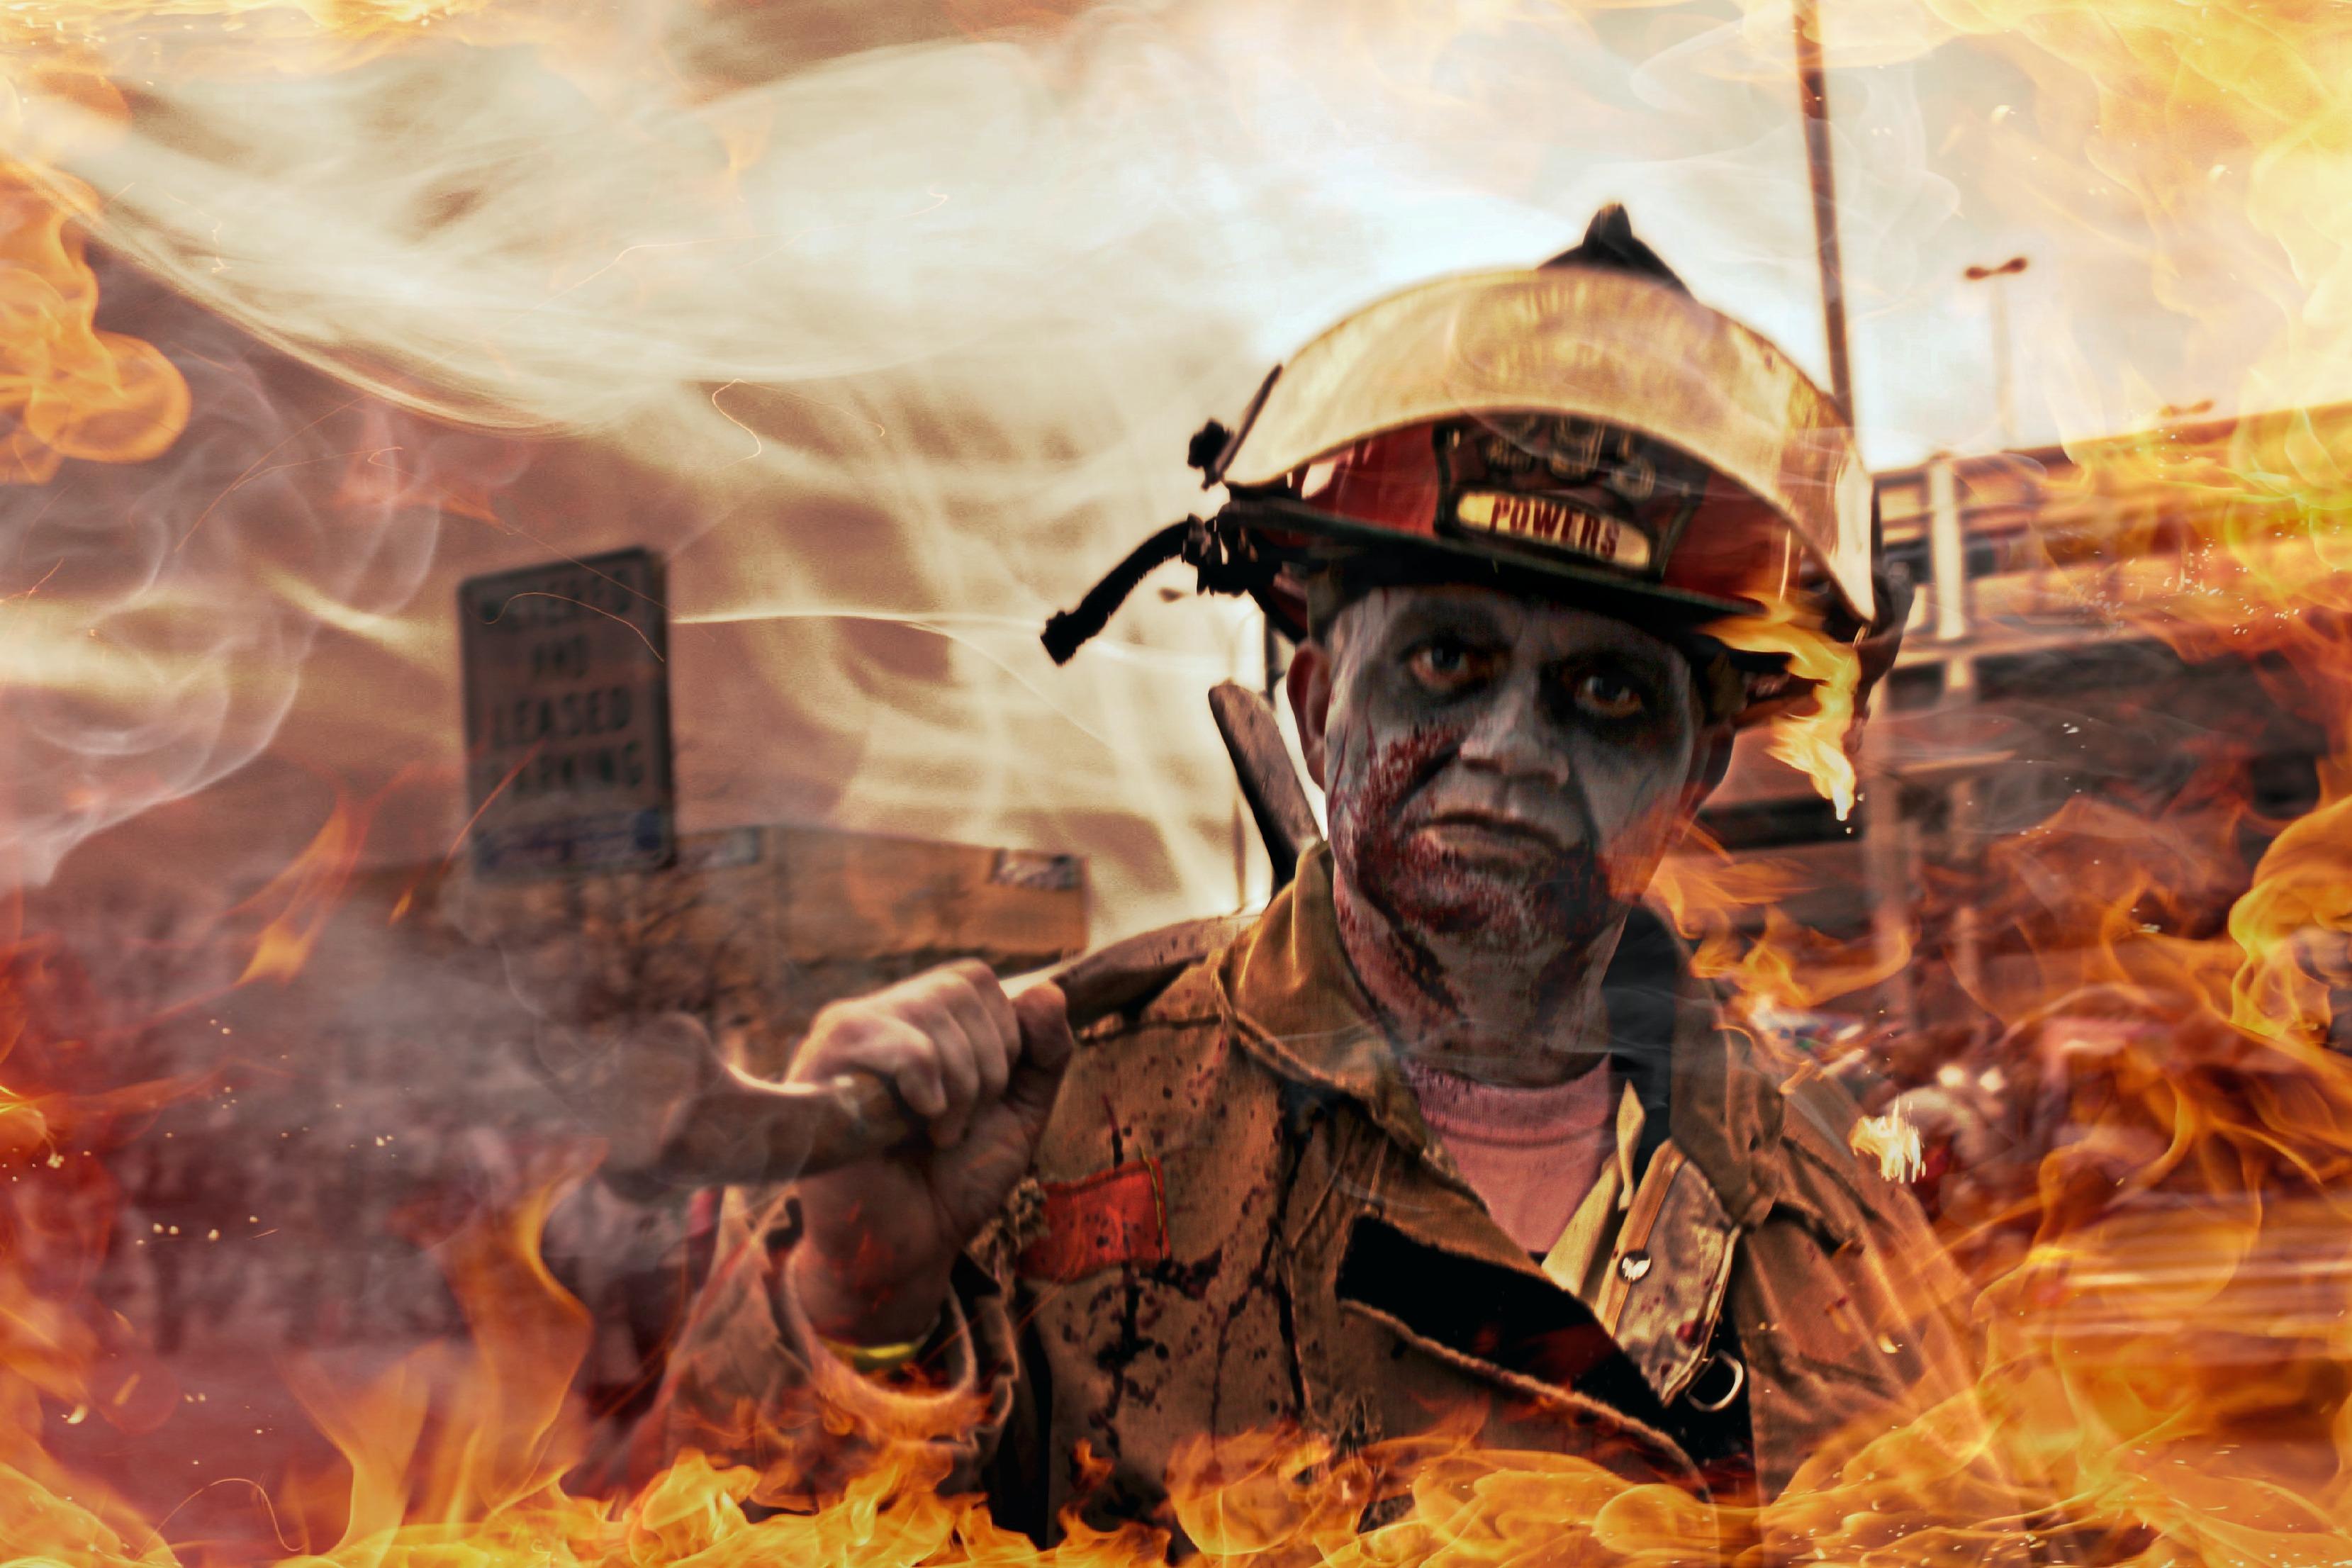 Wallpaper Sioux Falls Zombies Kollphotography